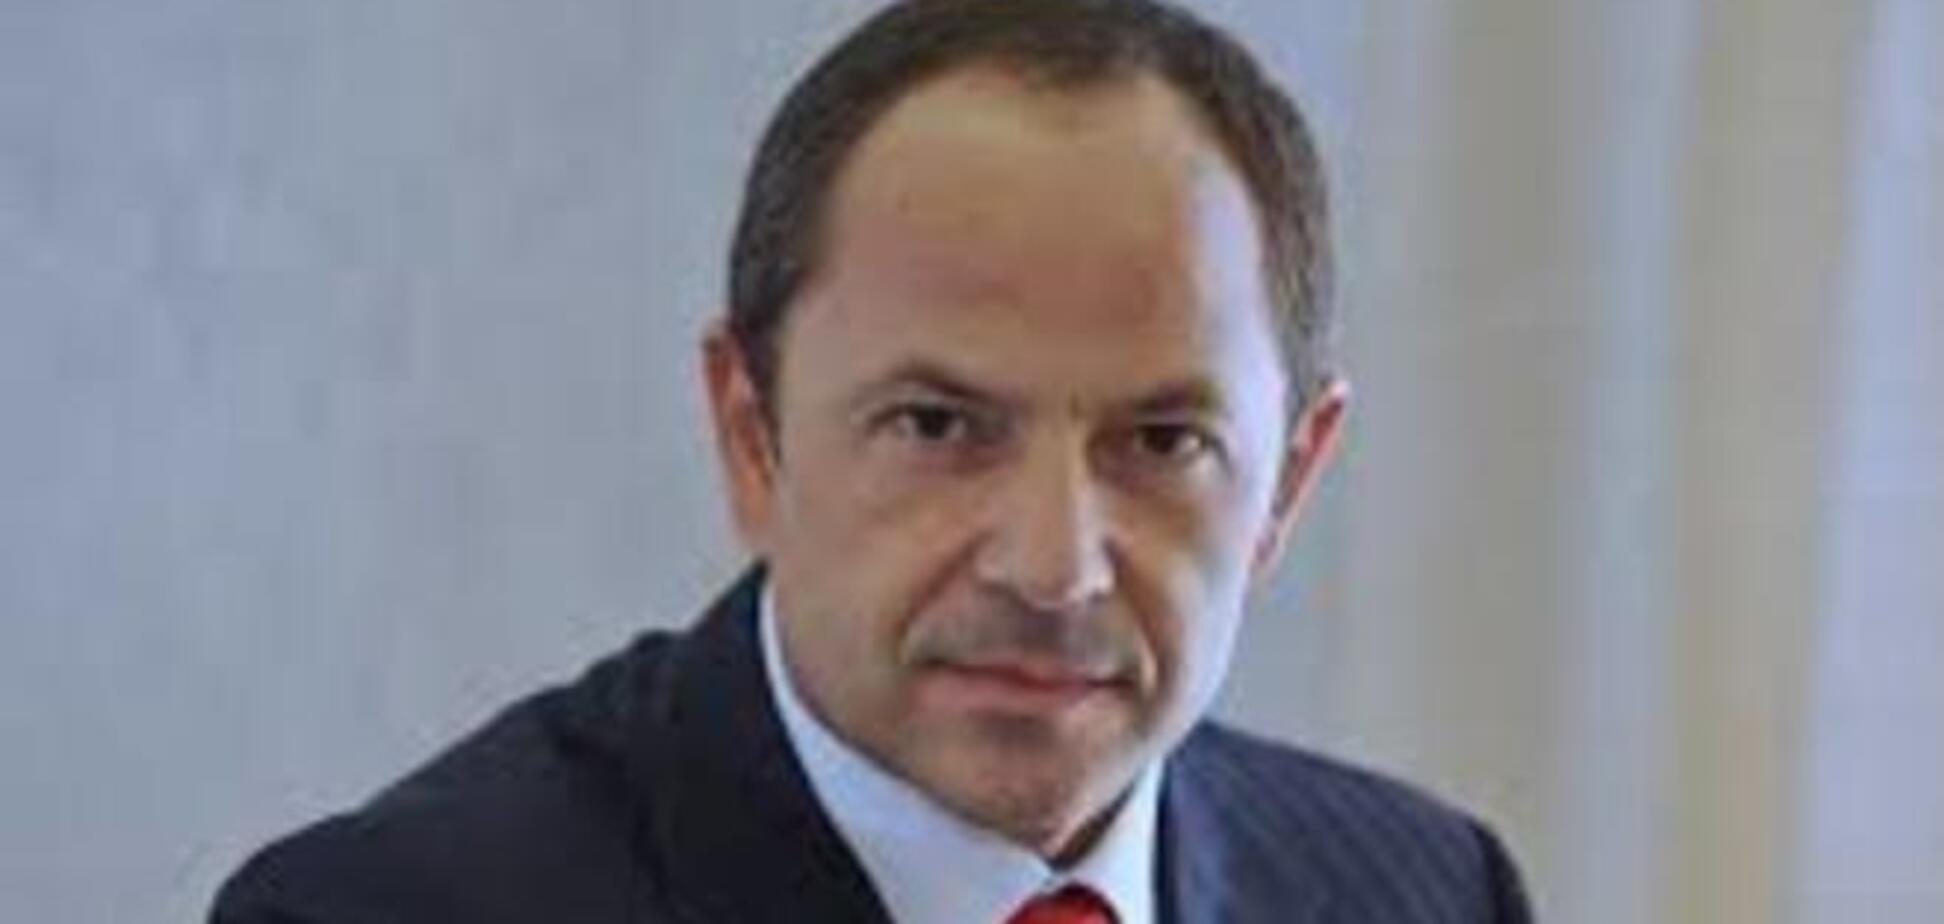 Заклик Тігіпка до мирного врегулювання конфліктів на південному сході актуальний і поза президентської кампанії - Фесенко